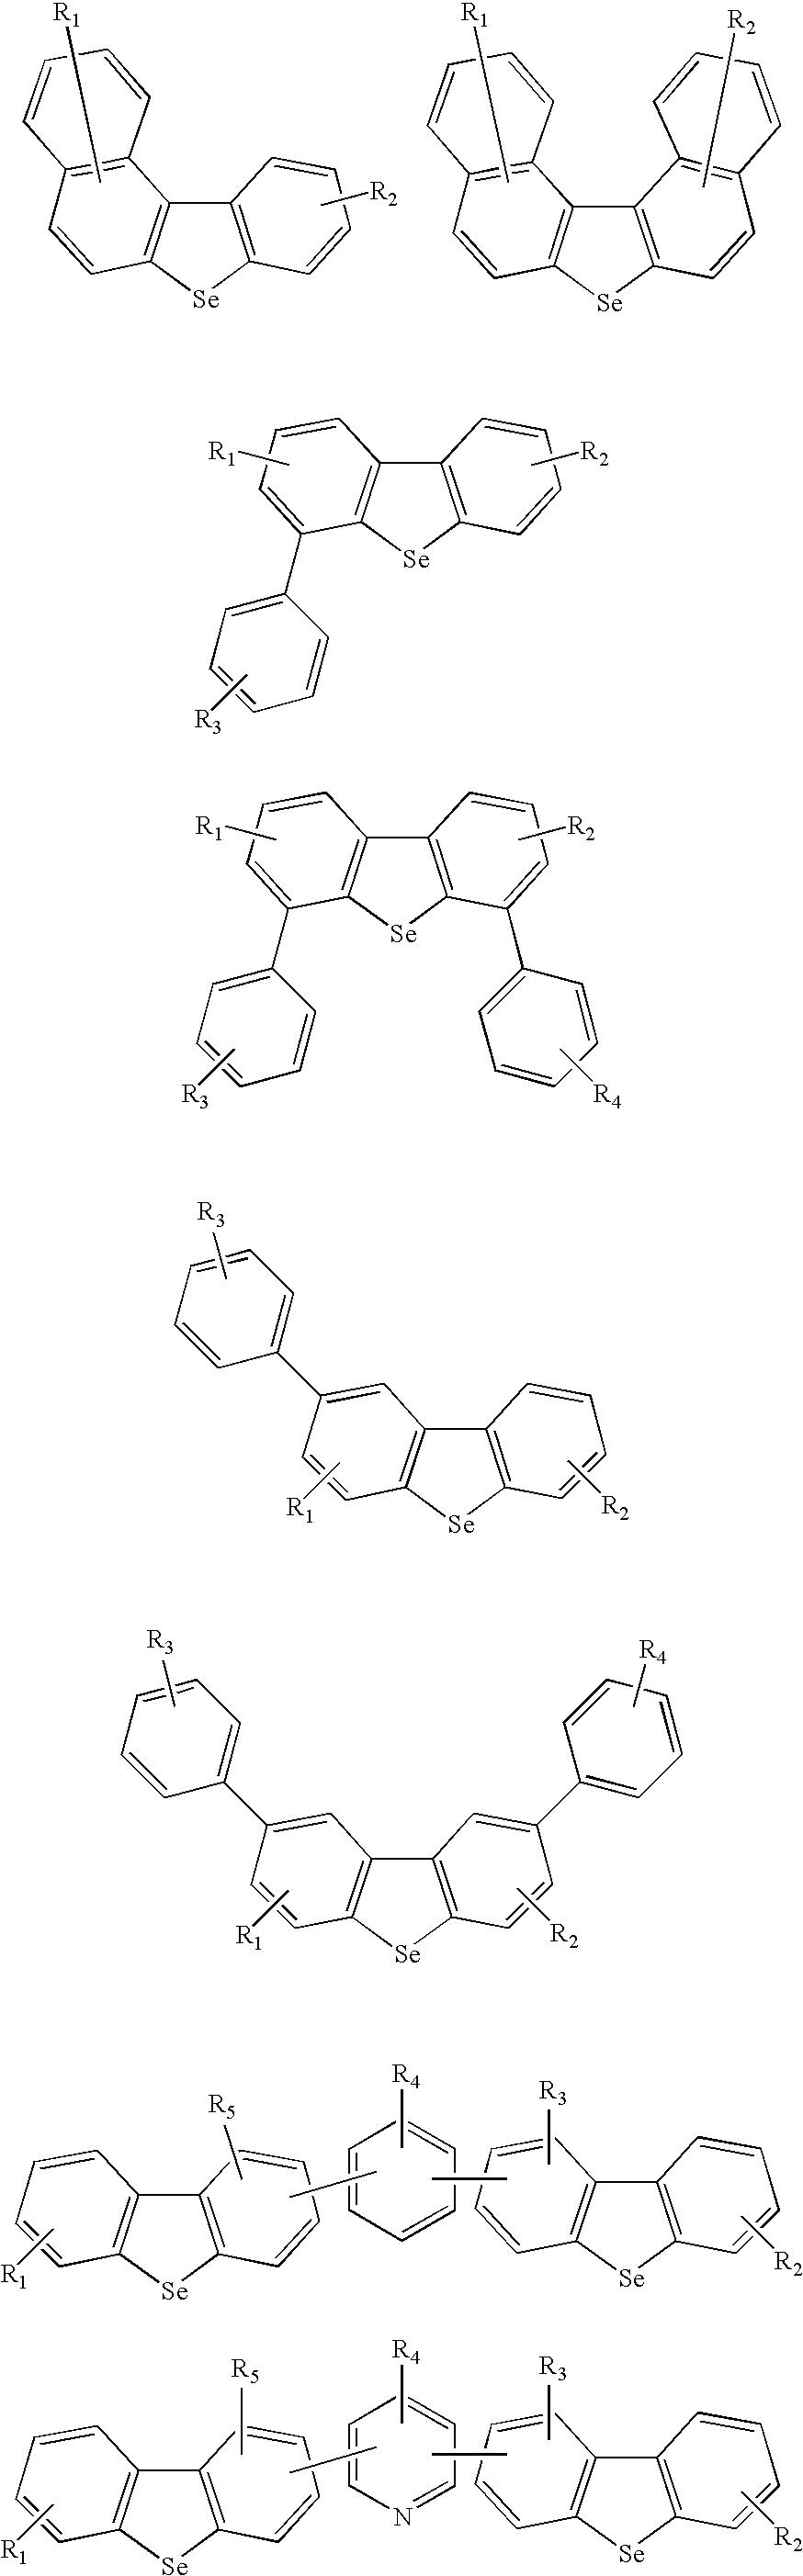 Figure US20100072887A1-20100325-C00191